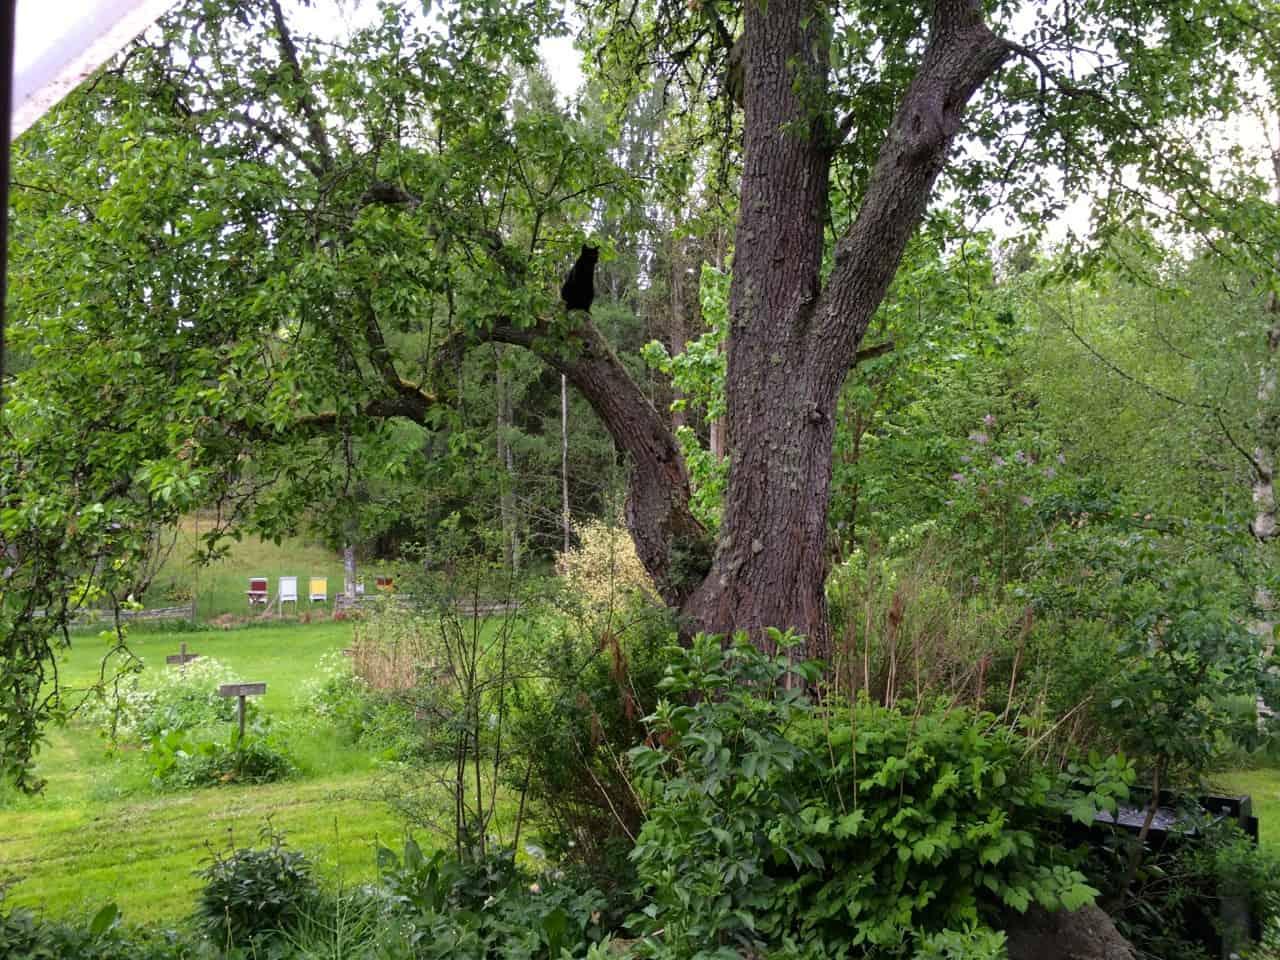 Ett bra ställe att hålla koll på omgivningarna. Marlon gillar träd.